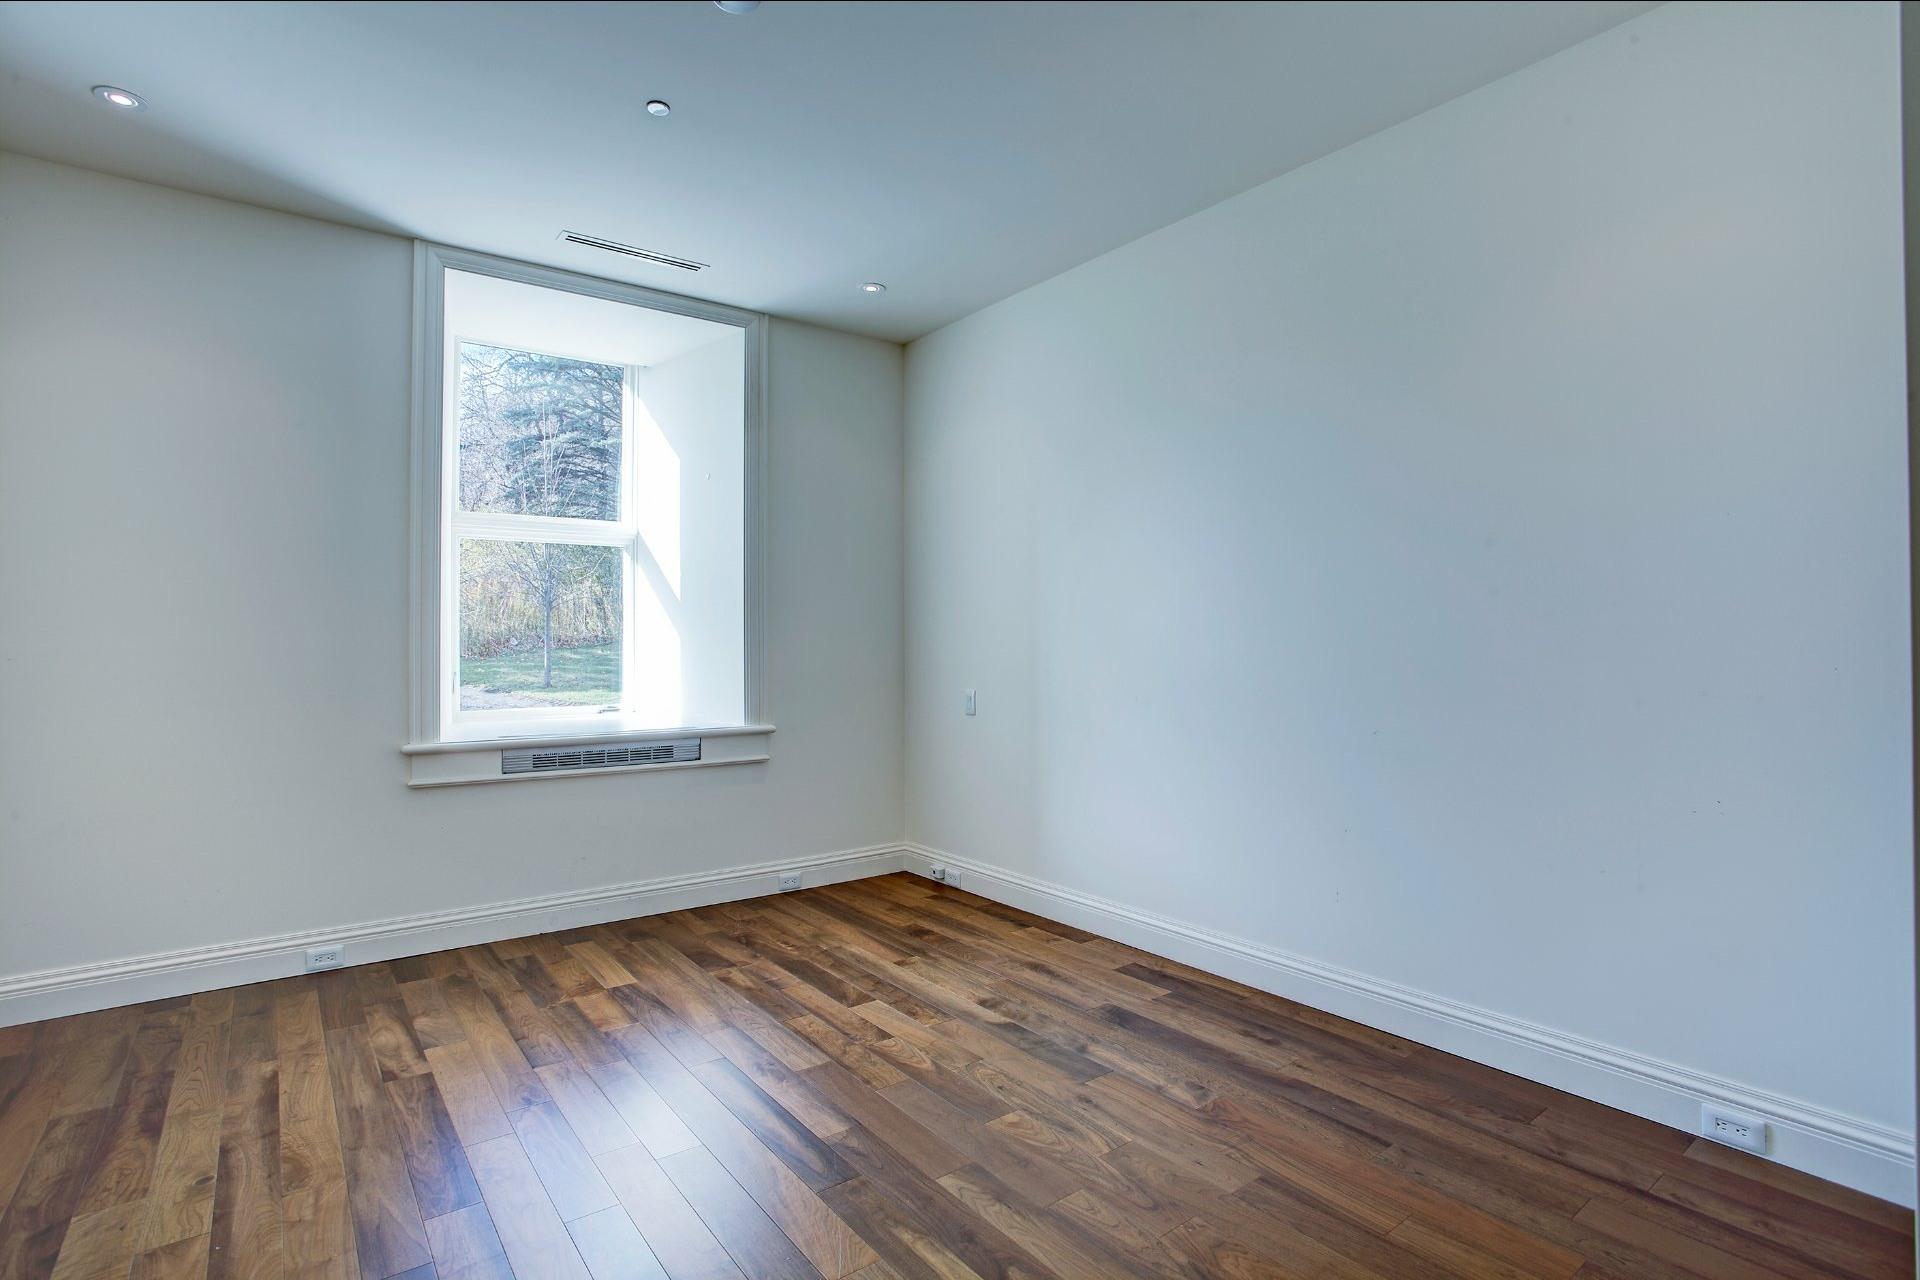 image 17 - Apartment For sale Montréal Ville-Marie  - 4 rooms